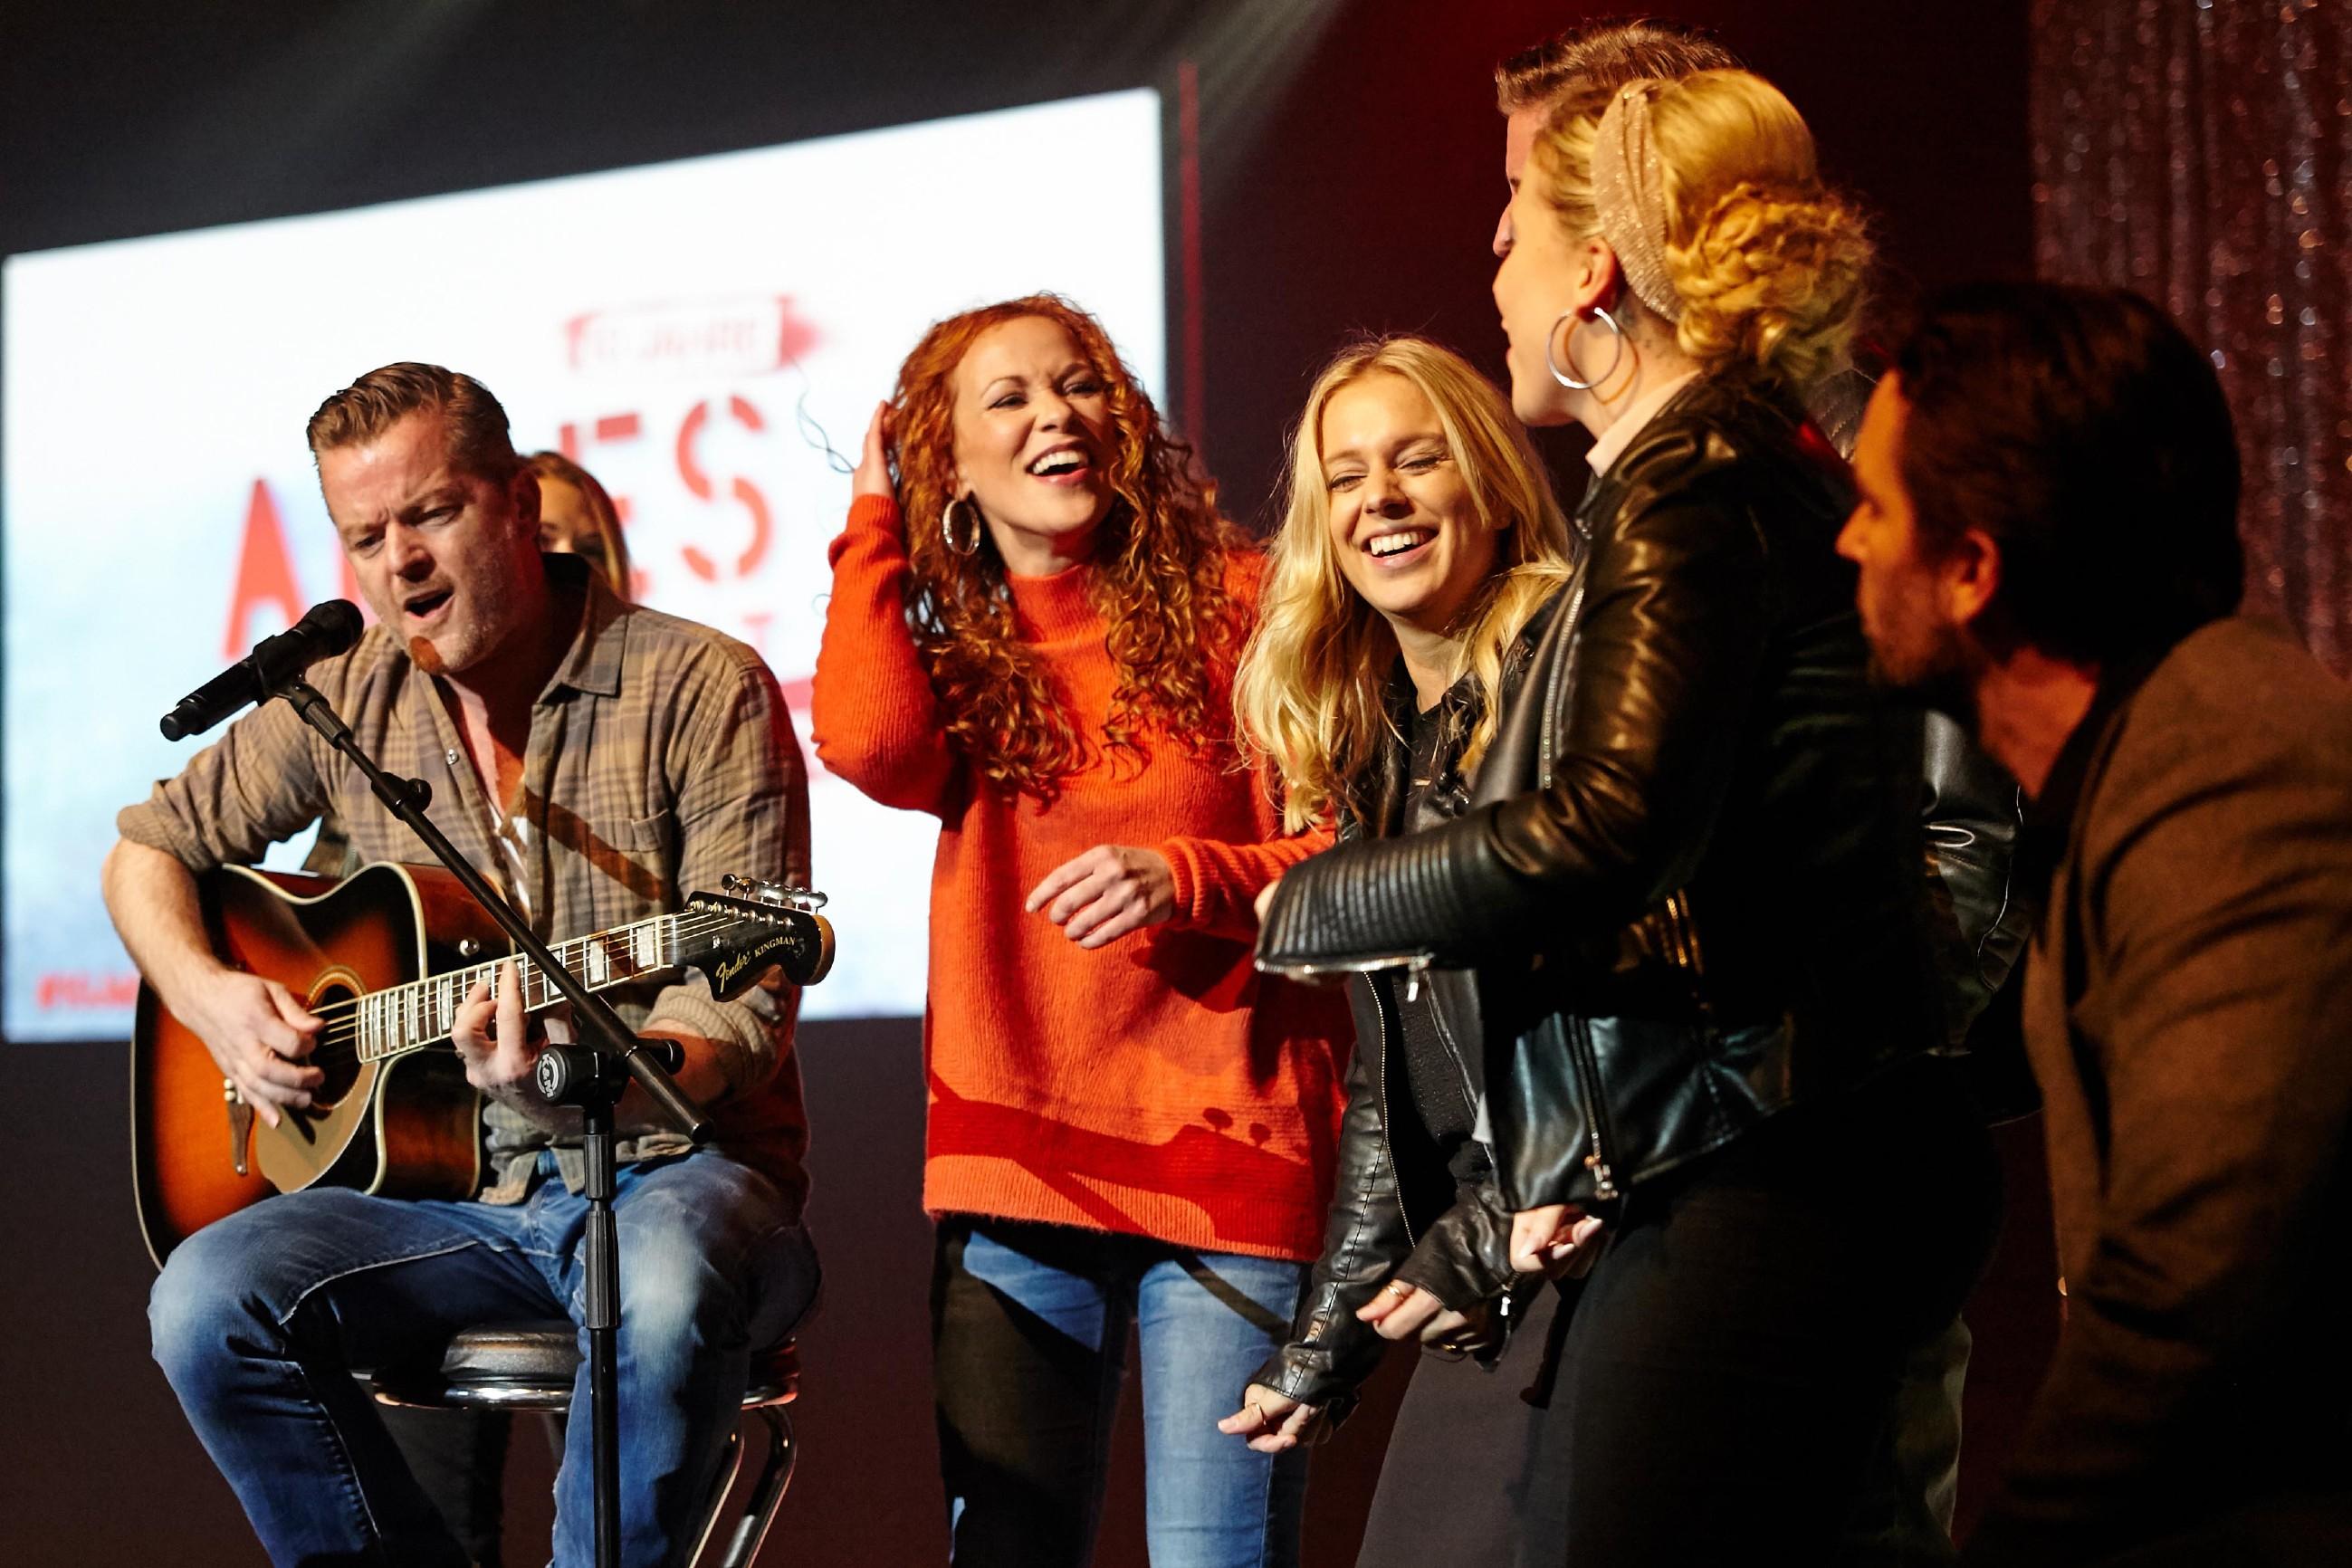 André Dietz, Madlen Kaniuth, Juliette Greco, Christina Klein und Daniel Brockhaus (v.l.) singen gemeinsam für ihre Fans.